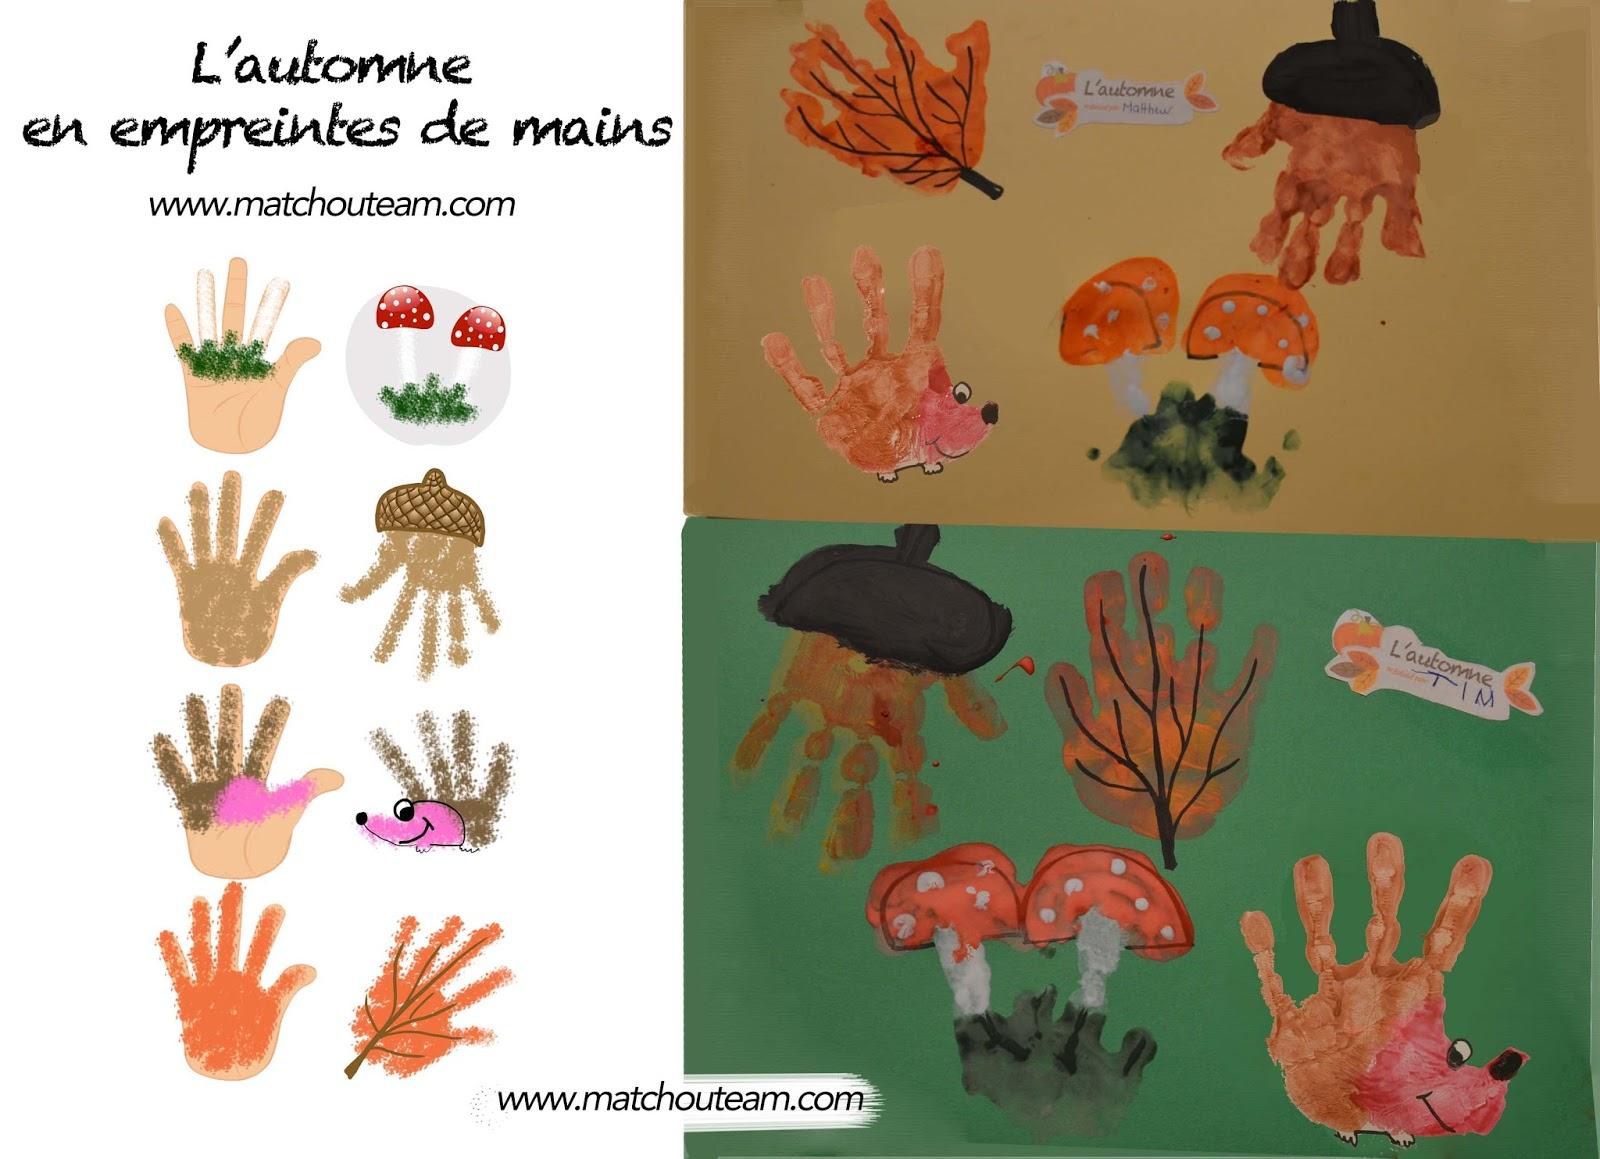 Ma Tchou Team Empreintes De Mains Pour L 39 Automne